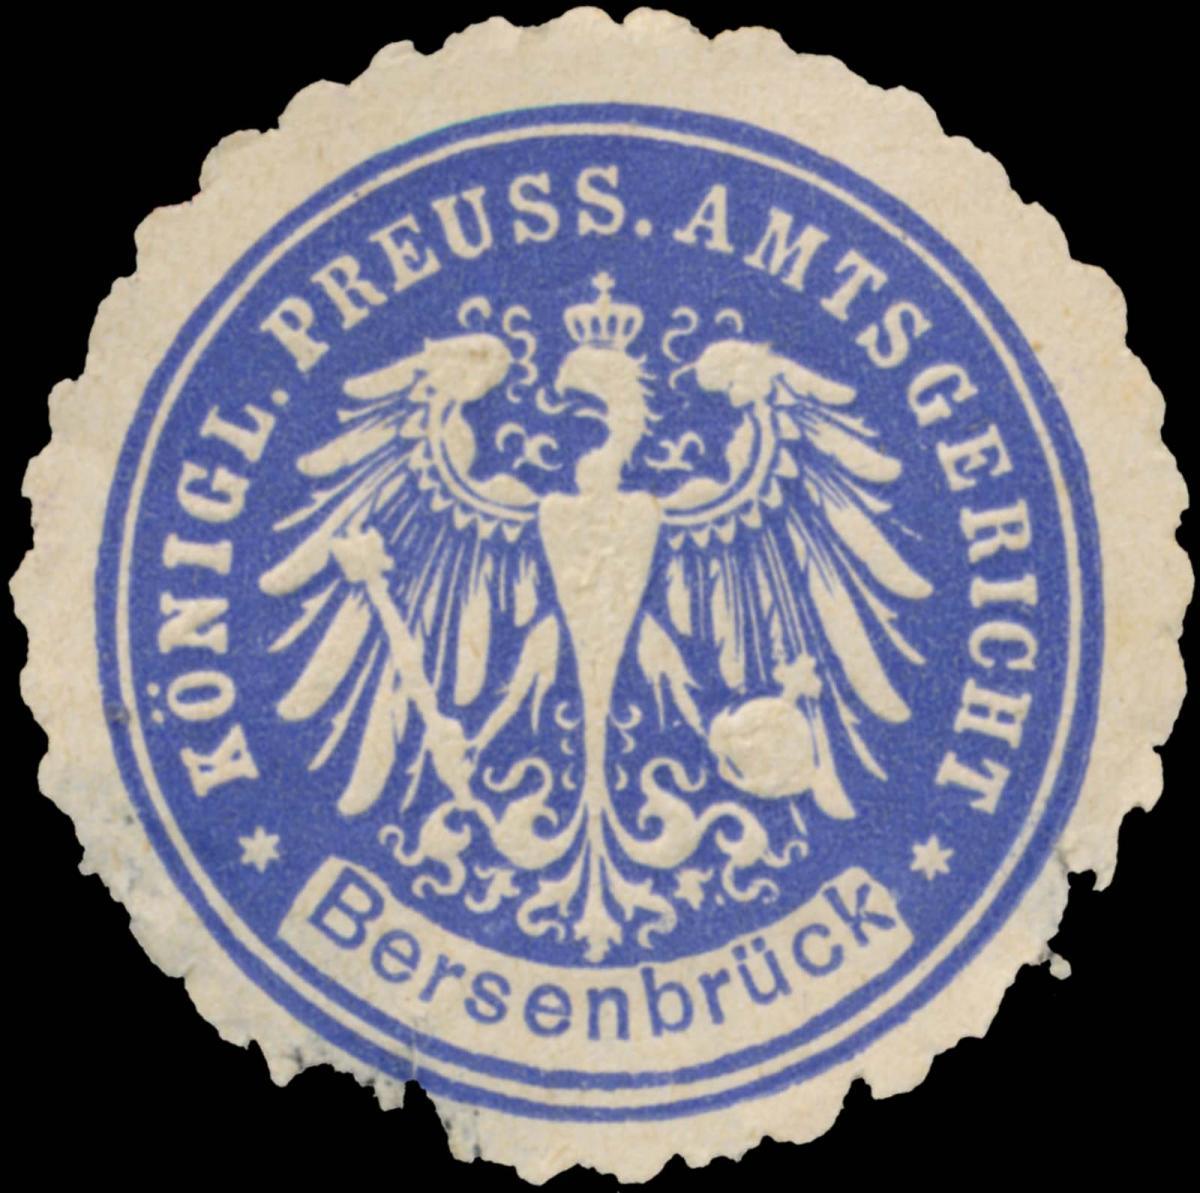 K.Pr. Amtsgericht Bersenbrück